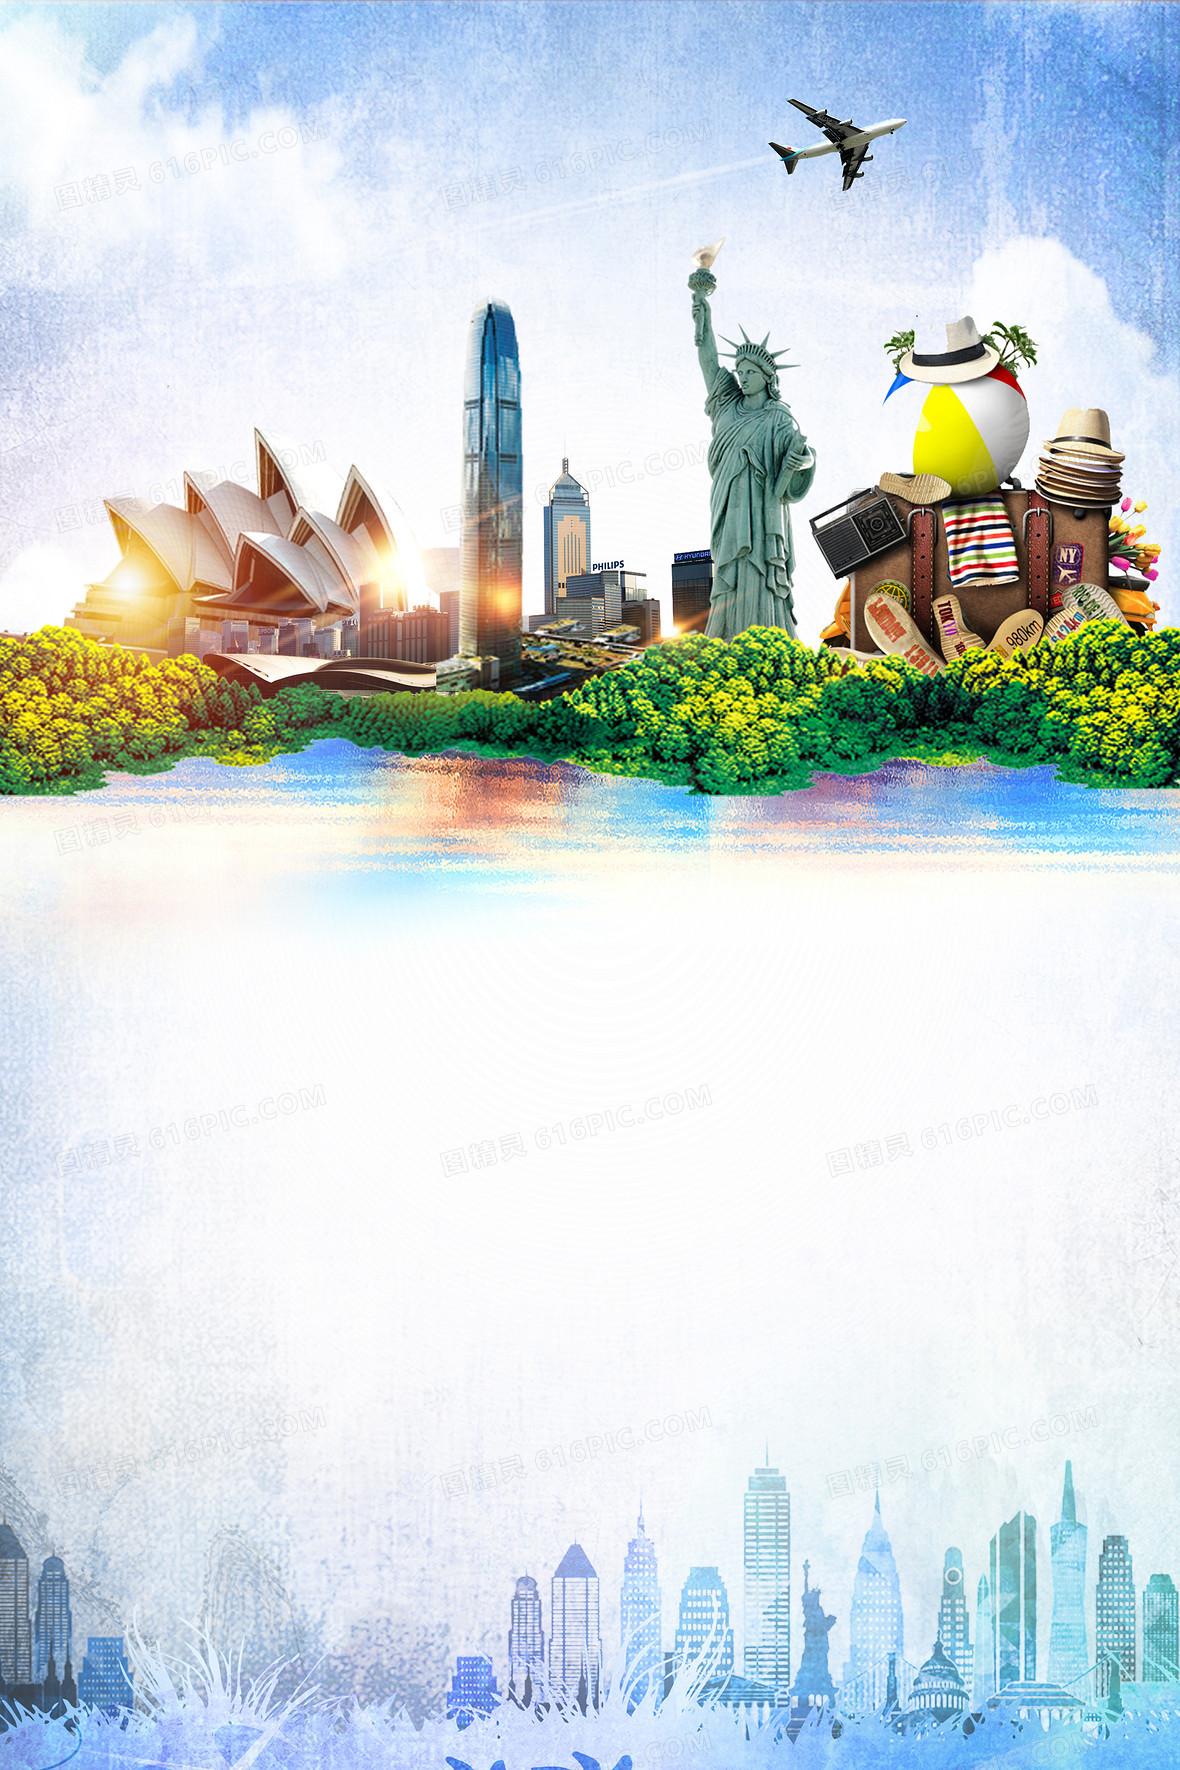 美国欧洲移民旅游留学广告海报背景素材